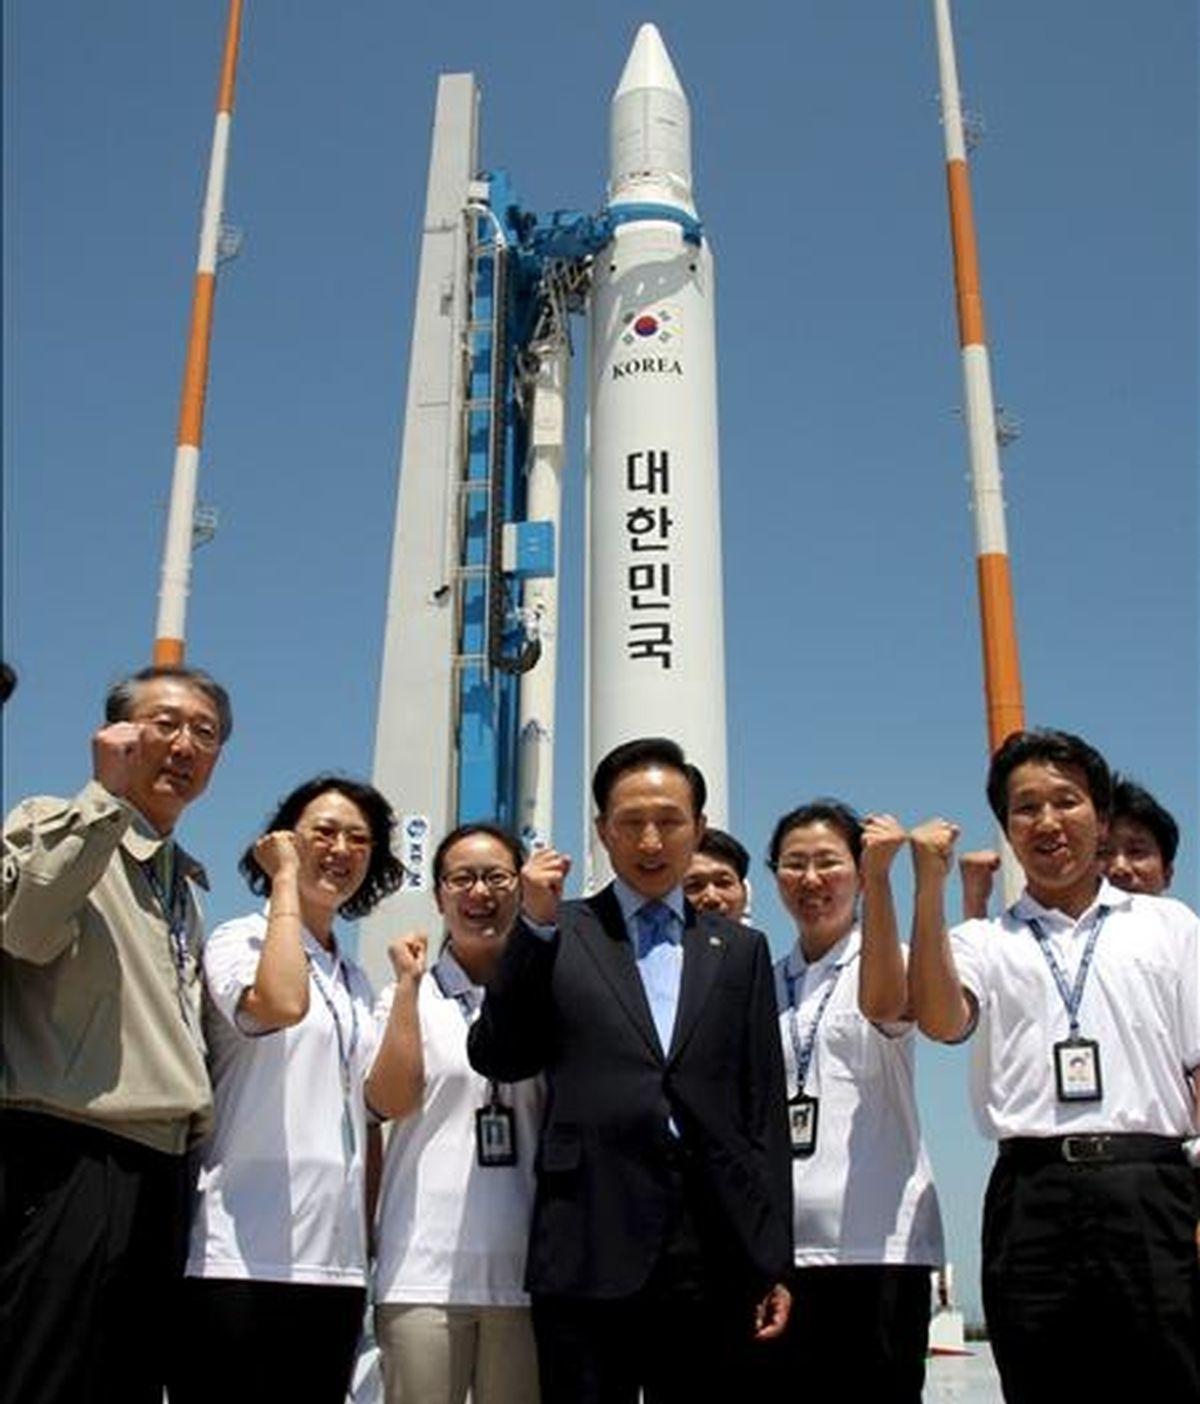 El presidente surcoreano, Lee Myung-bak (c), posa junto a un grupo de investigadores científicos cerca de una lanzadera en el Centro Espacial Naro, el primero de estas características en el país y que está situado en la isla de Oenaro, en Goheung, al suroeste de Corea del Sur hoy, 11 de junio. EFE